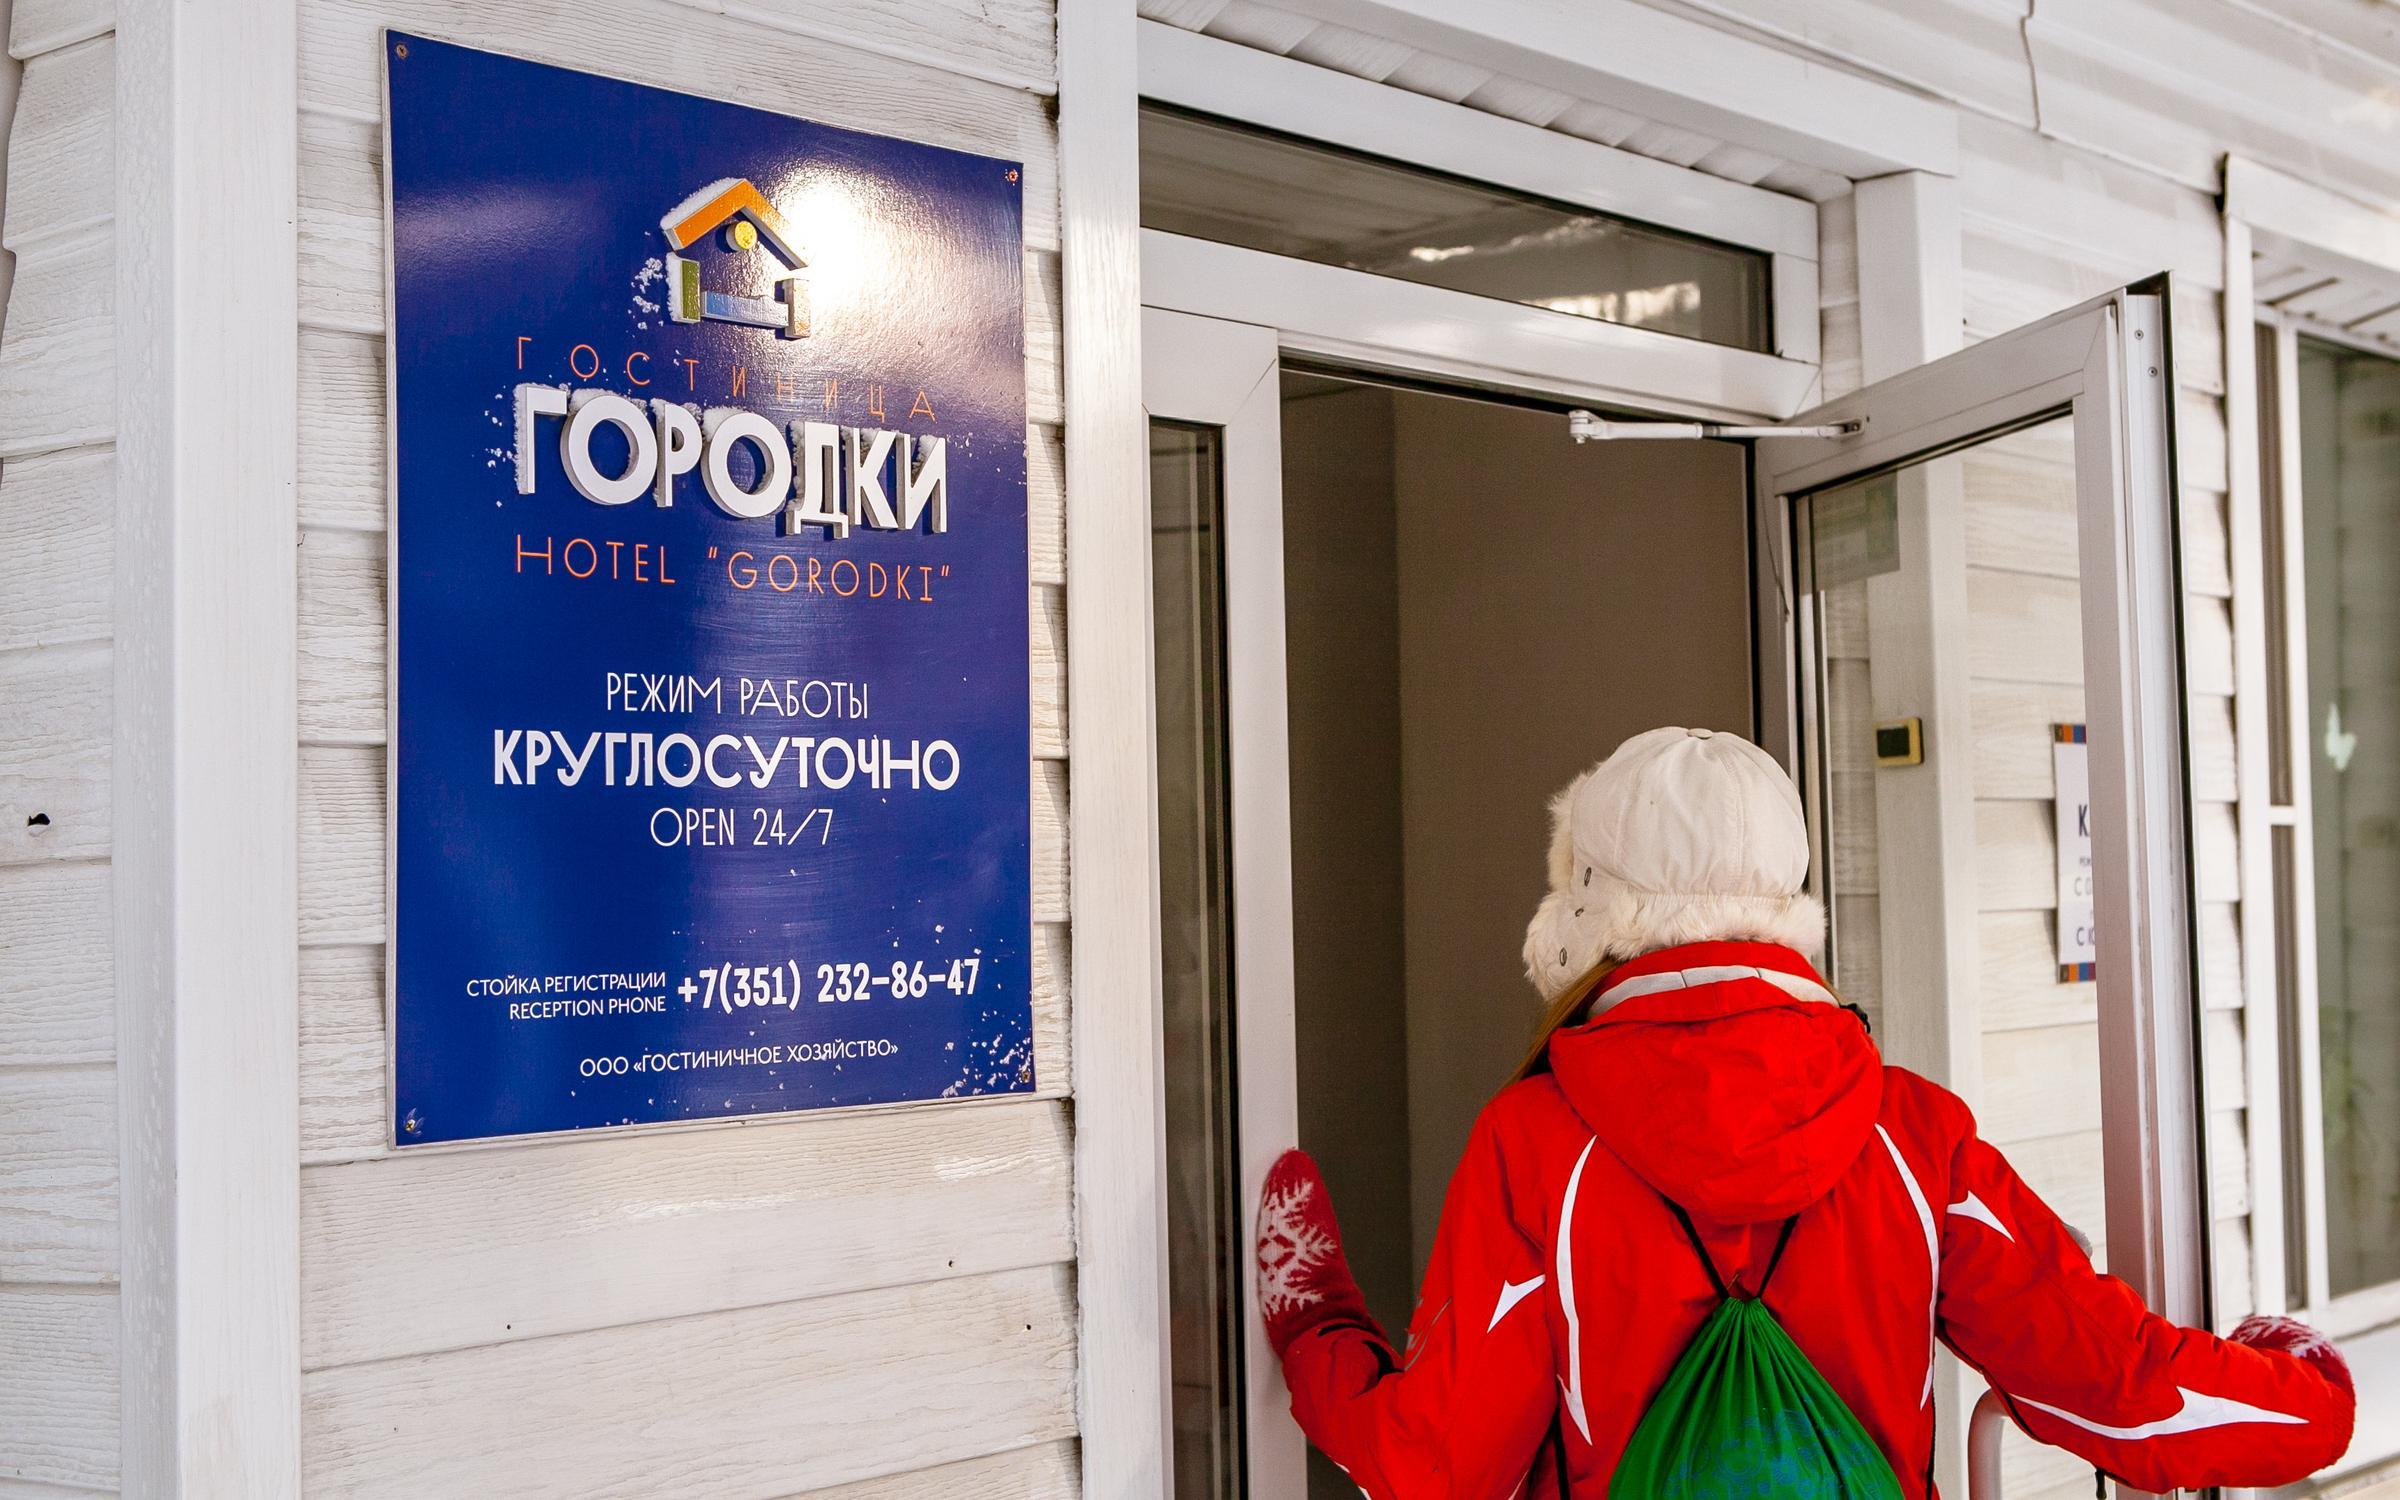 фотография Гостиницы Городки на улице Омская, 54